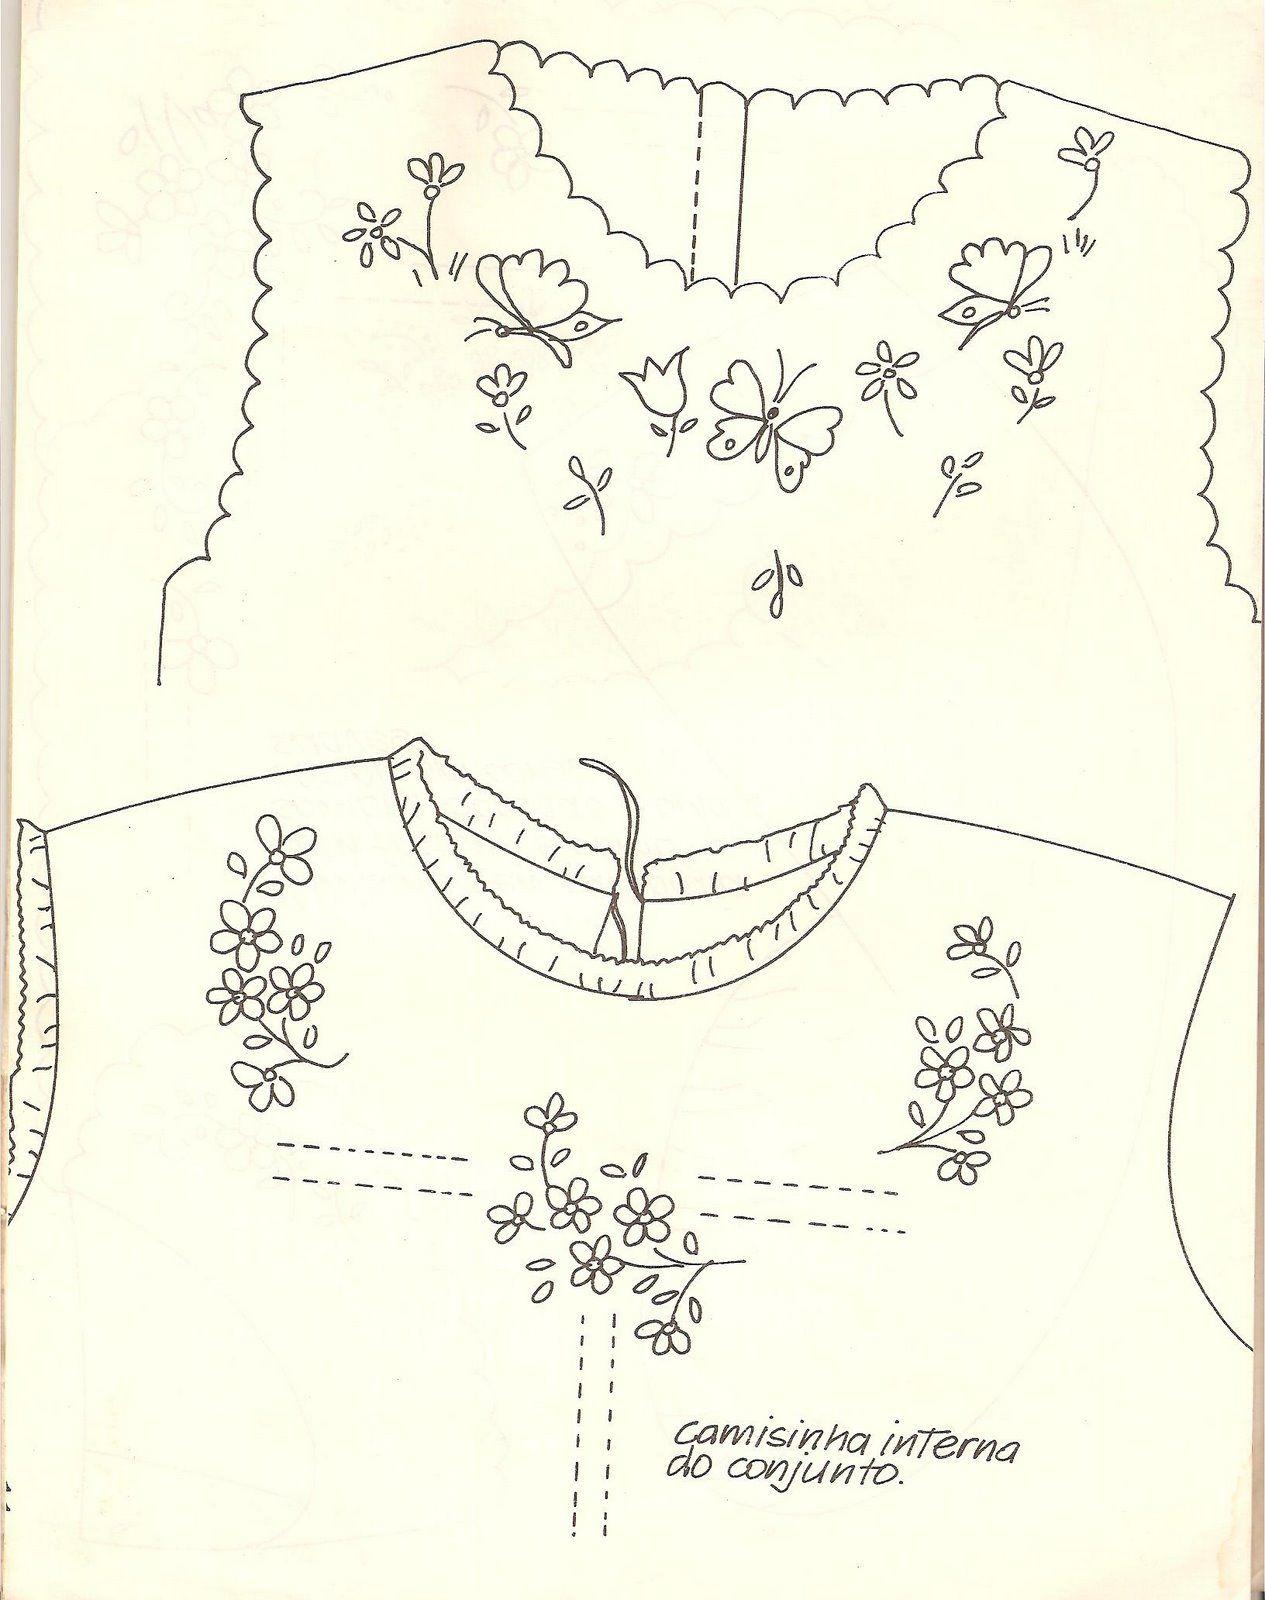 Camiseta de bebe | moldes | Pinterest | Bordado, Dibujos para bordar ...